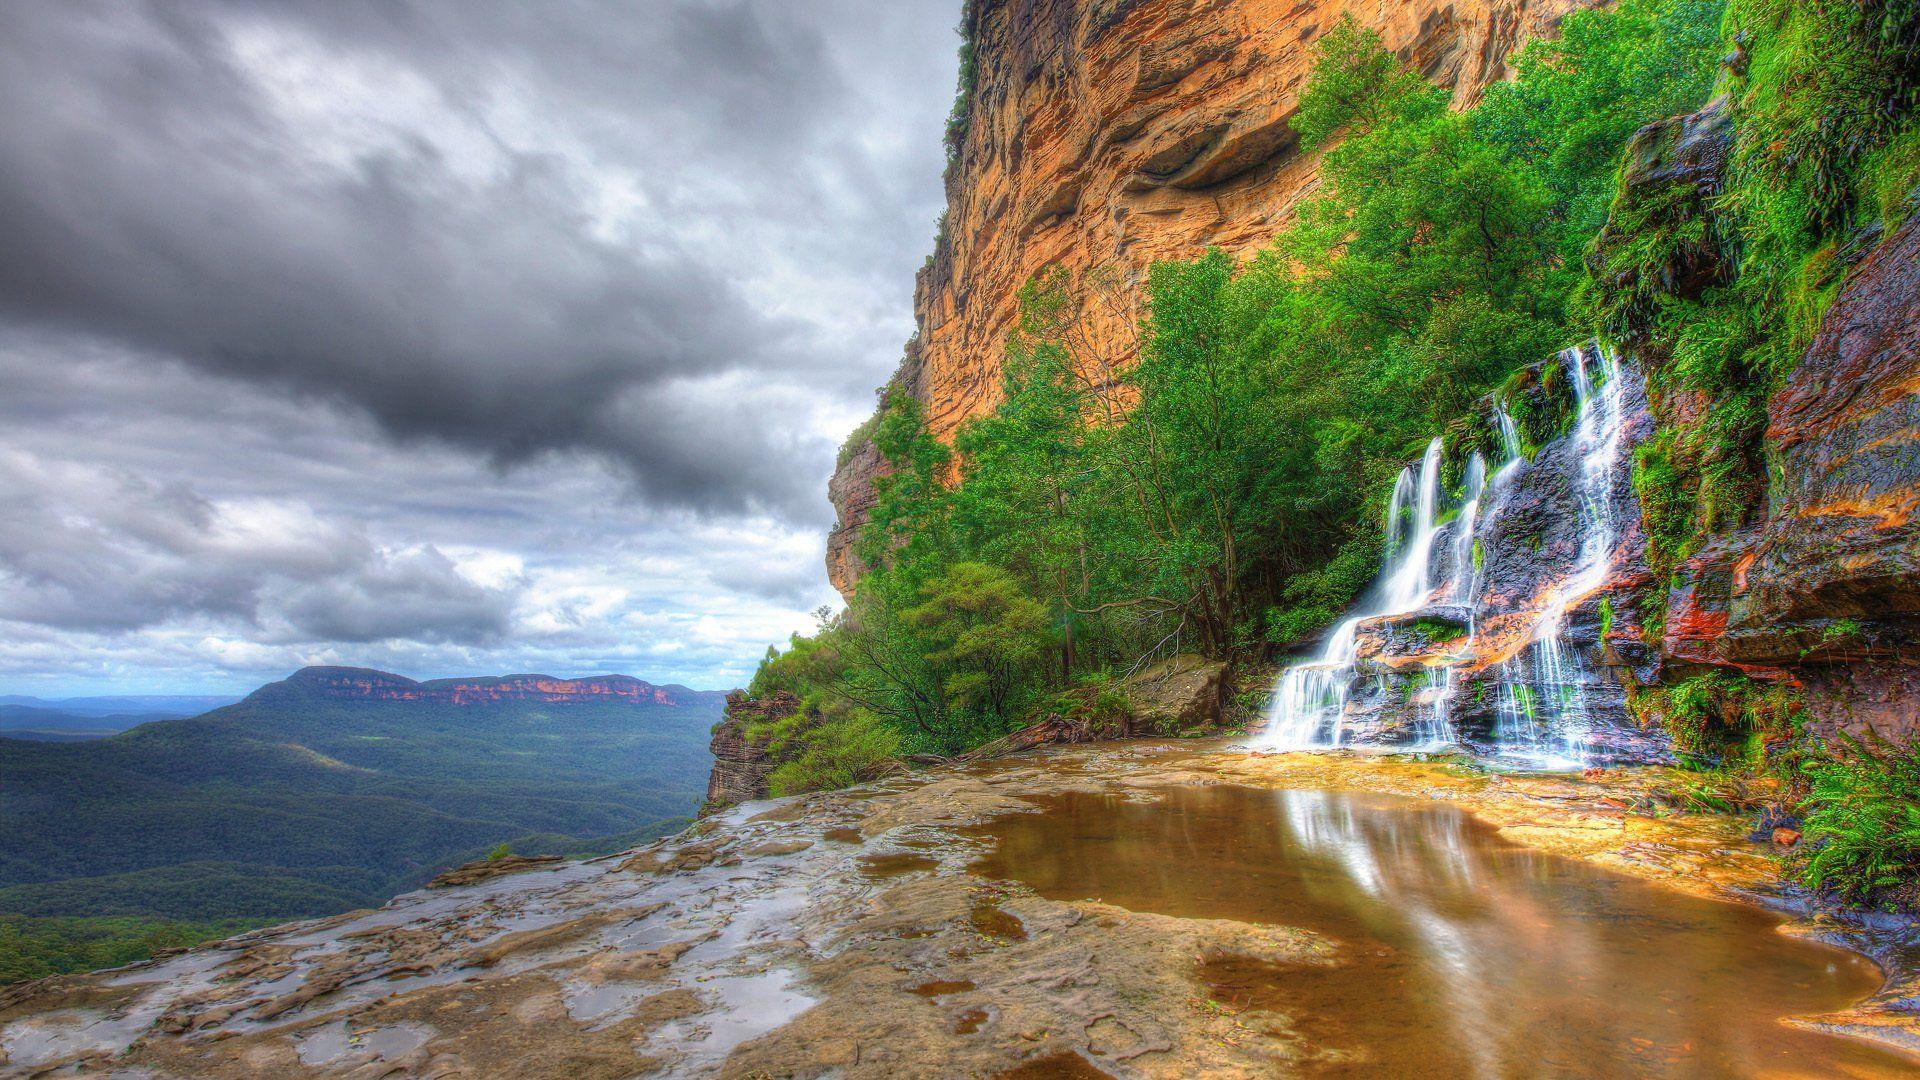 MOUNTAIN WATERFALL WALLPAPER HD Wallpapers 1920x1080 Mountain Waterfall 45